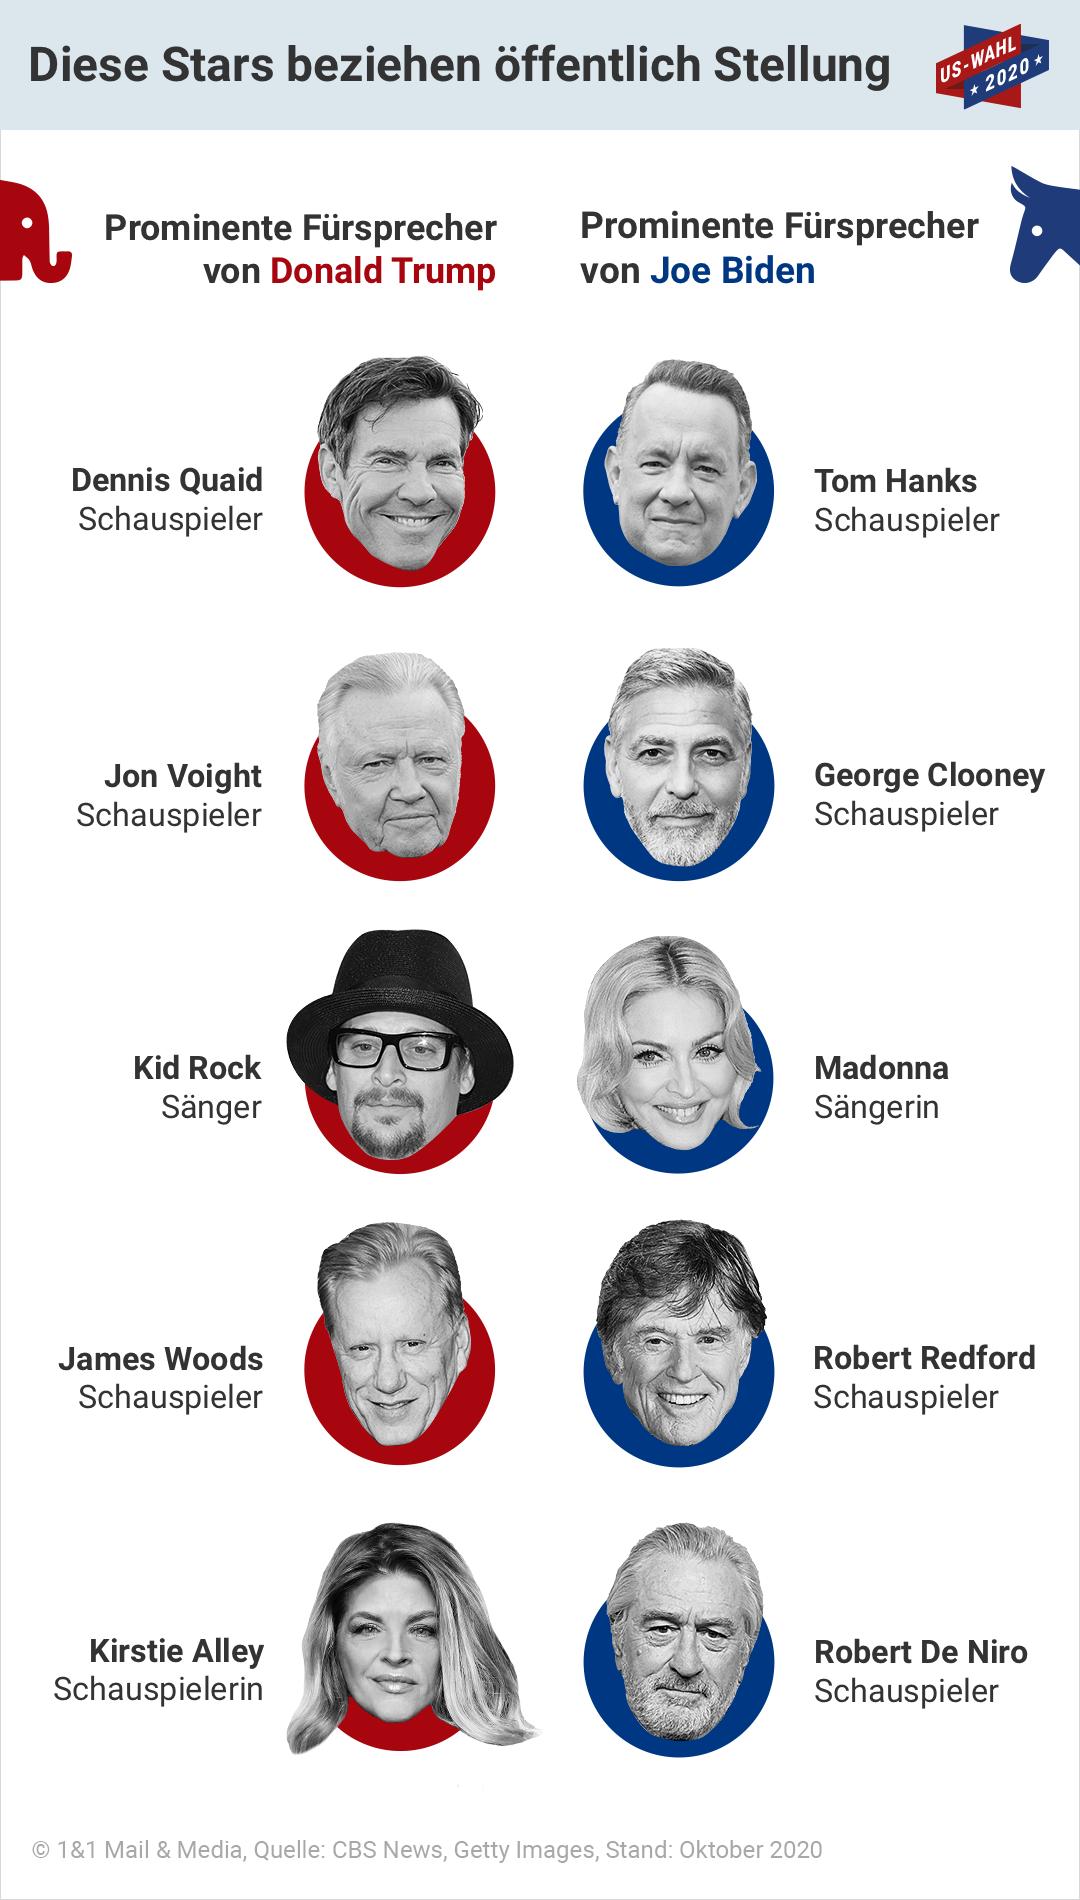 Bild zu Prominente Fürsprecher der Präsidentschaftskandidaten